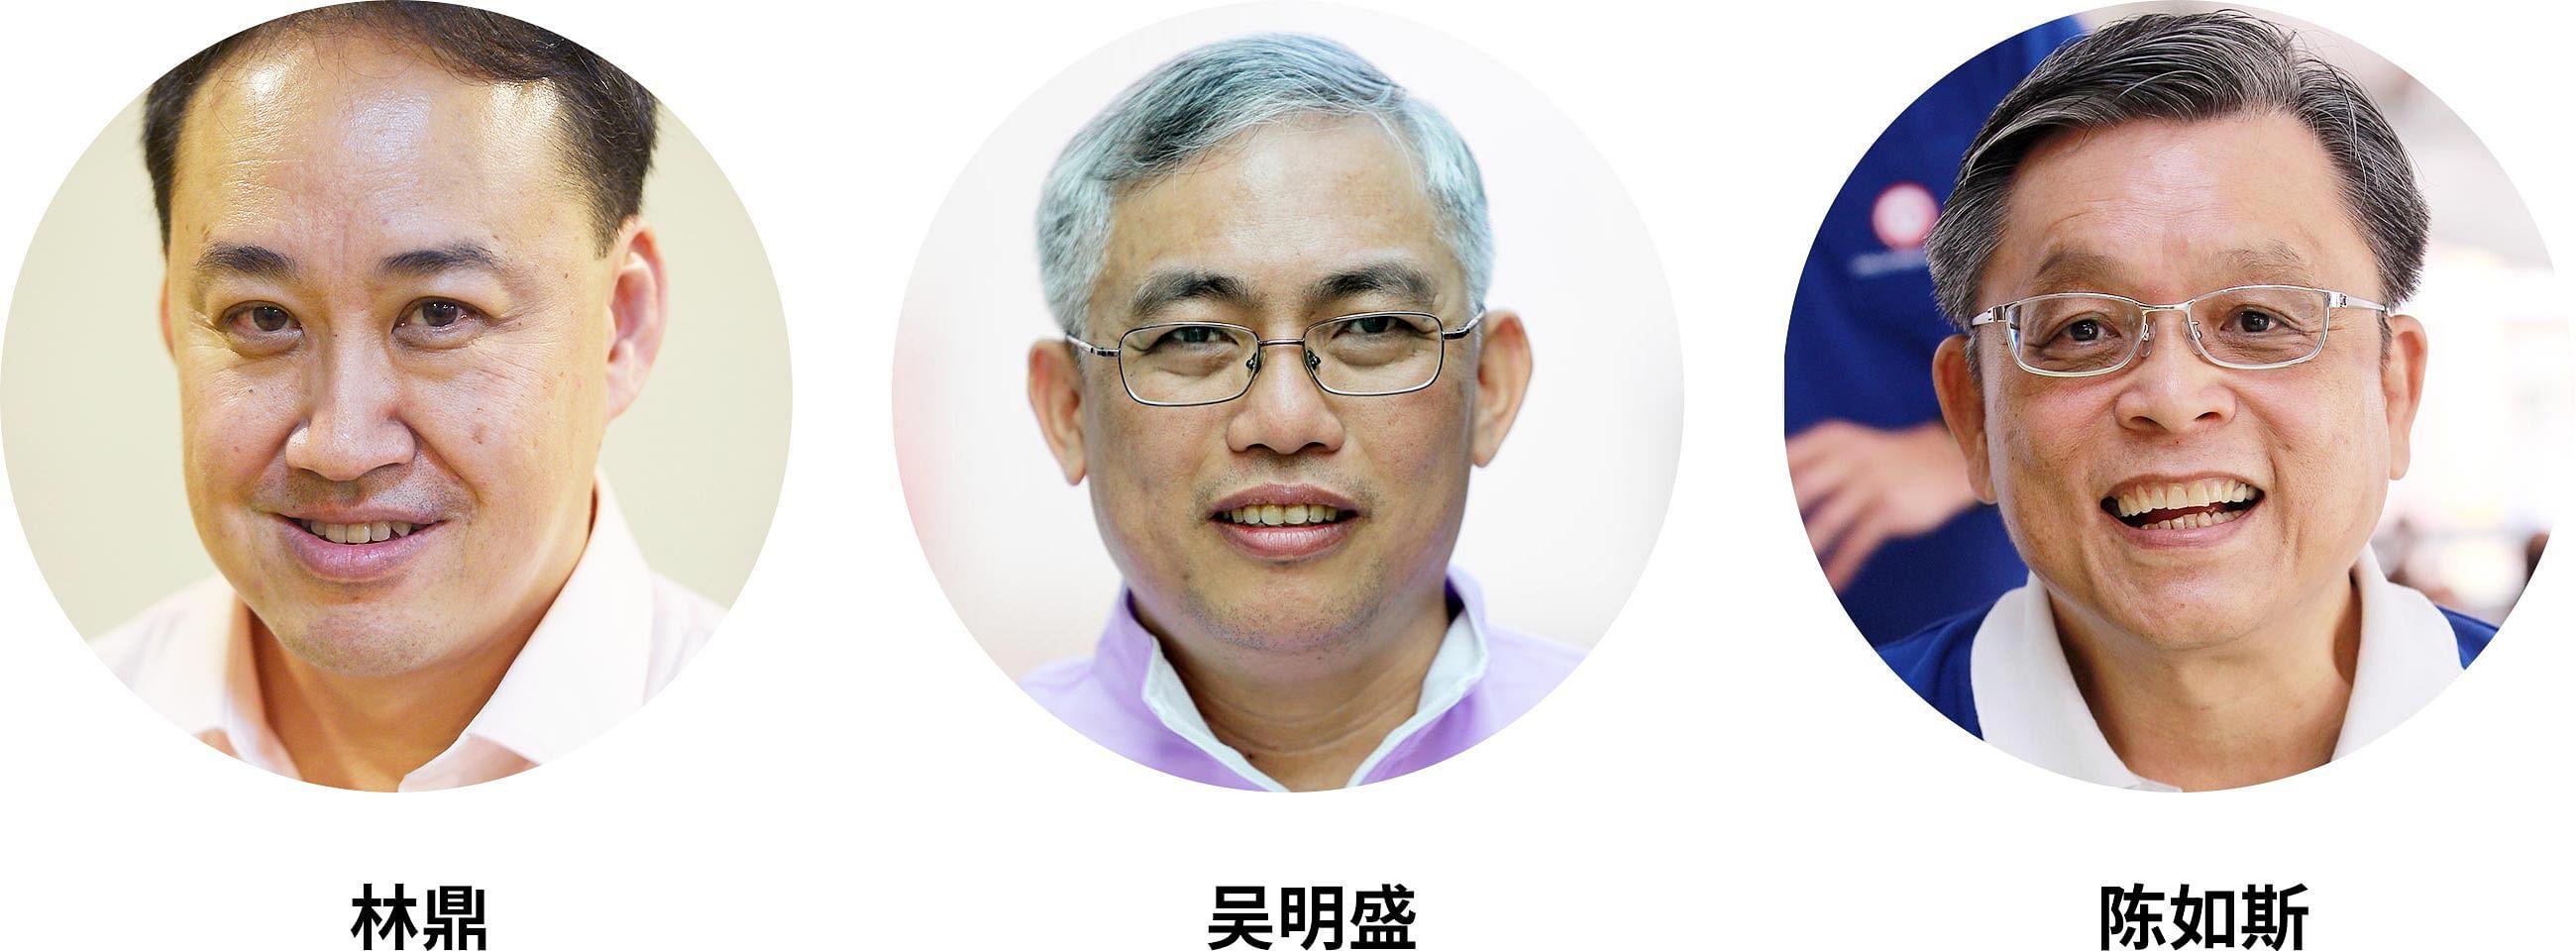 former-opposition-member-lim-tean-goh-meng-seng-tan-jee-say.jpg